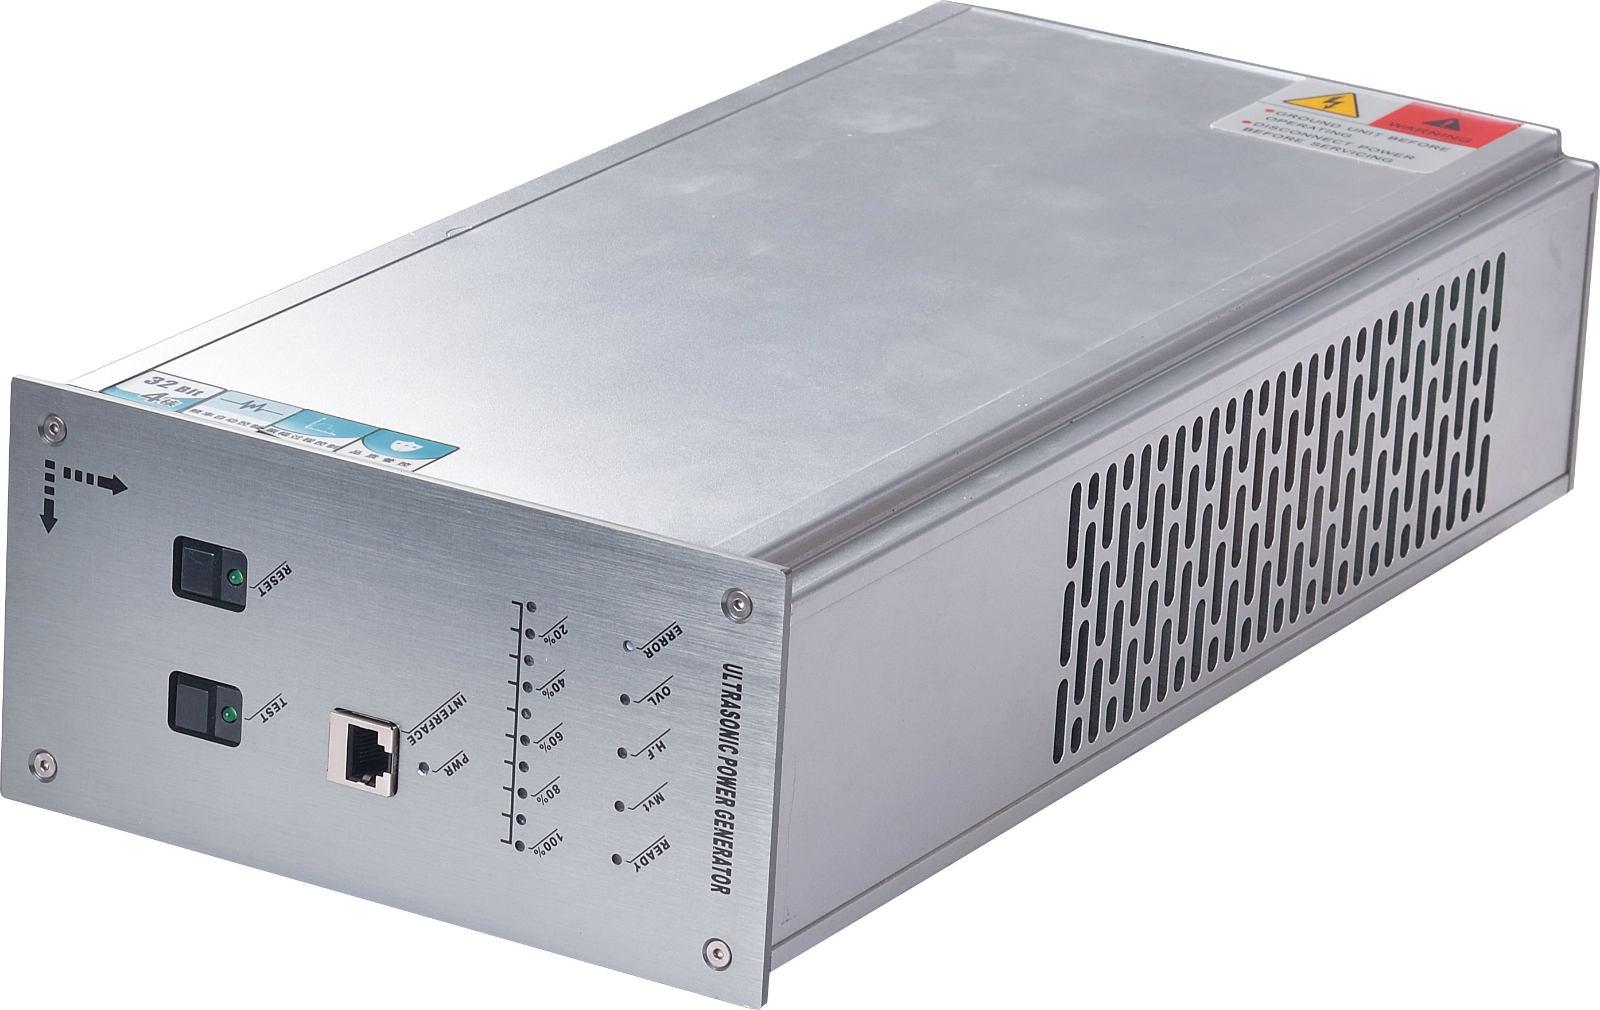 宁波超声波清洗机 超声波电源发生器 超声波模具